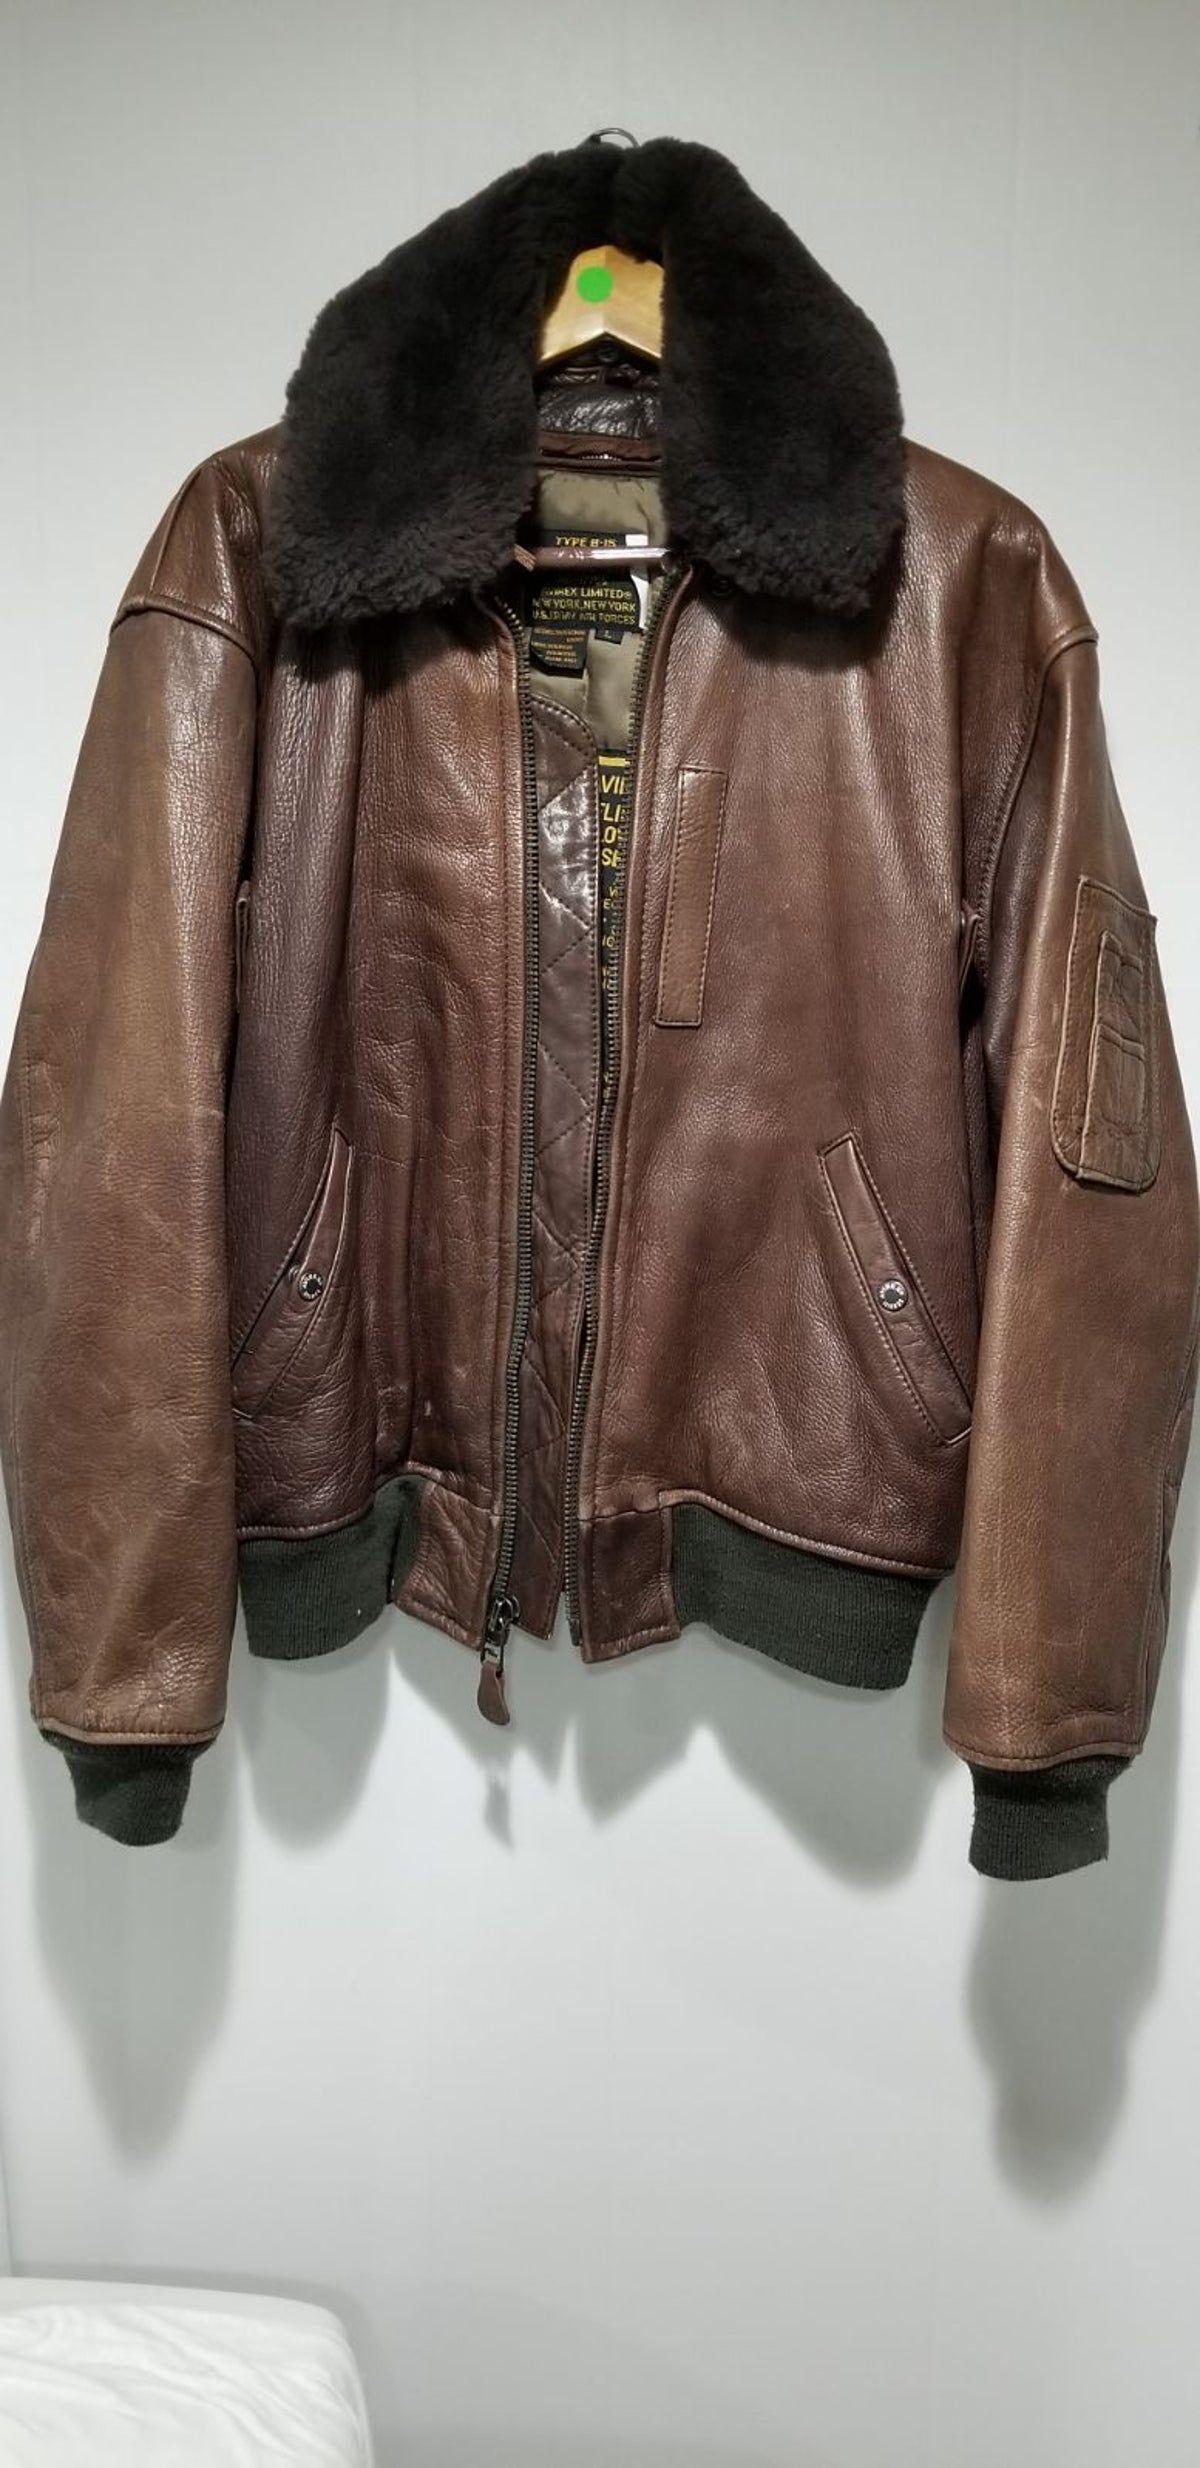 70 S Avirex Leather B 15 Bomber Jacket Bomber Jacket Jackets Leather Jacket [ 2468 x 1200 Pixel ]